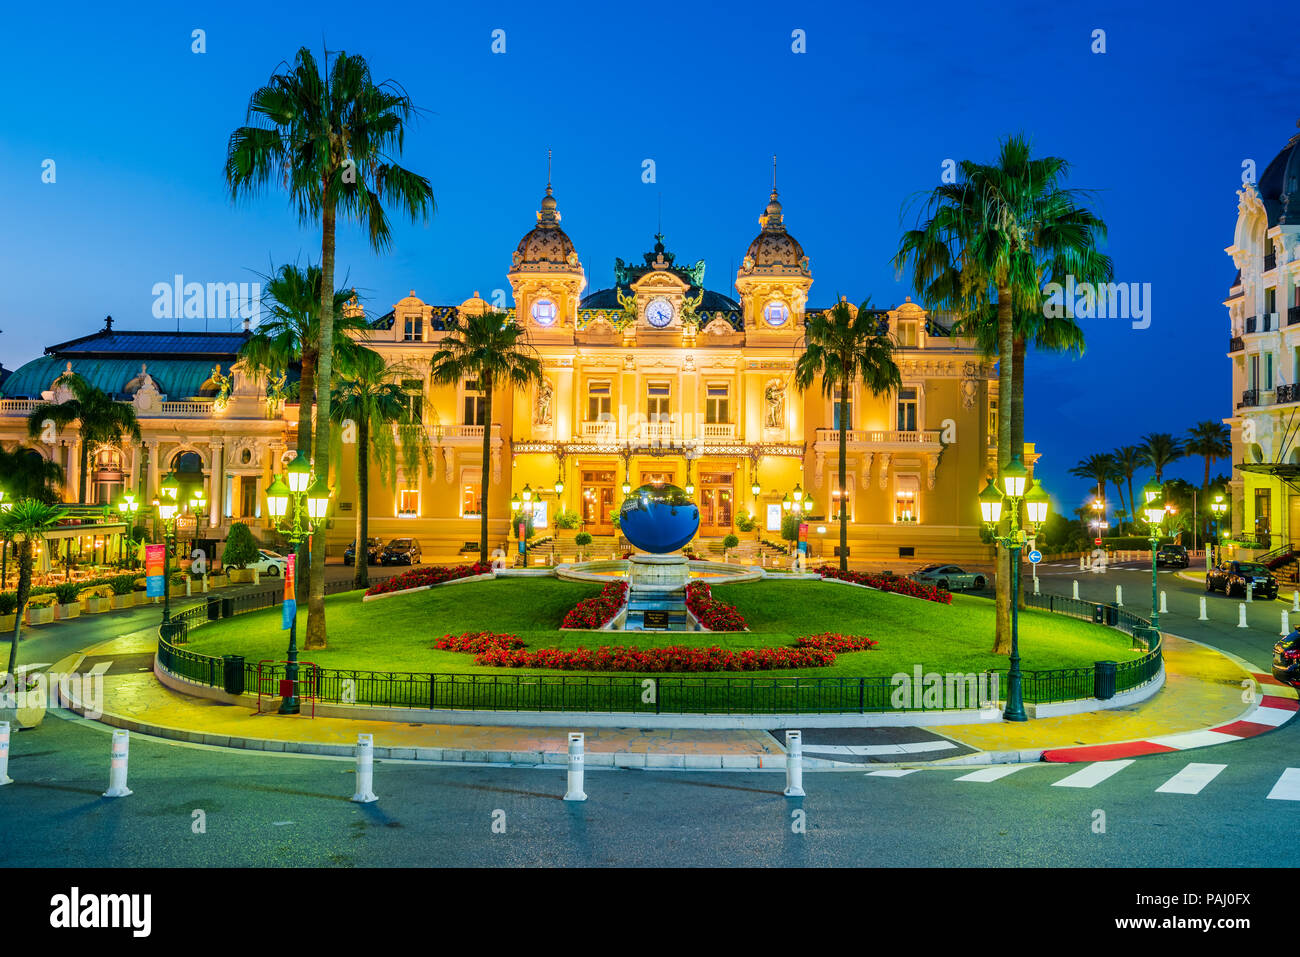 Monte Carlo, Monaco - Luglio 2018 - Il Casinò di Monte Carlo, gioco d'azzardo e nel complesso dei divertimenti di Monte Carlo, Monaco, Cote de Azur, l'Europa. Immagini Stock